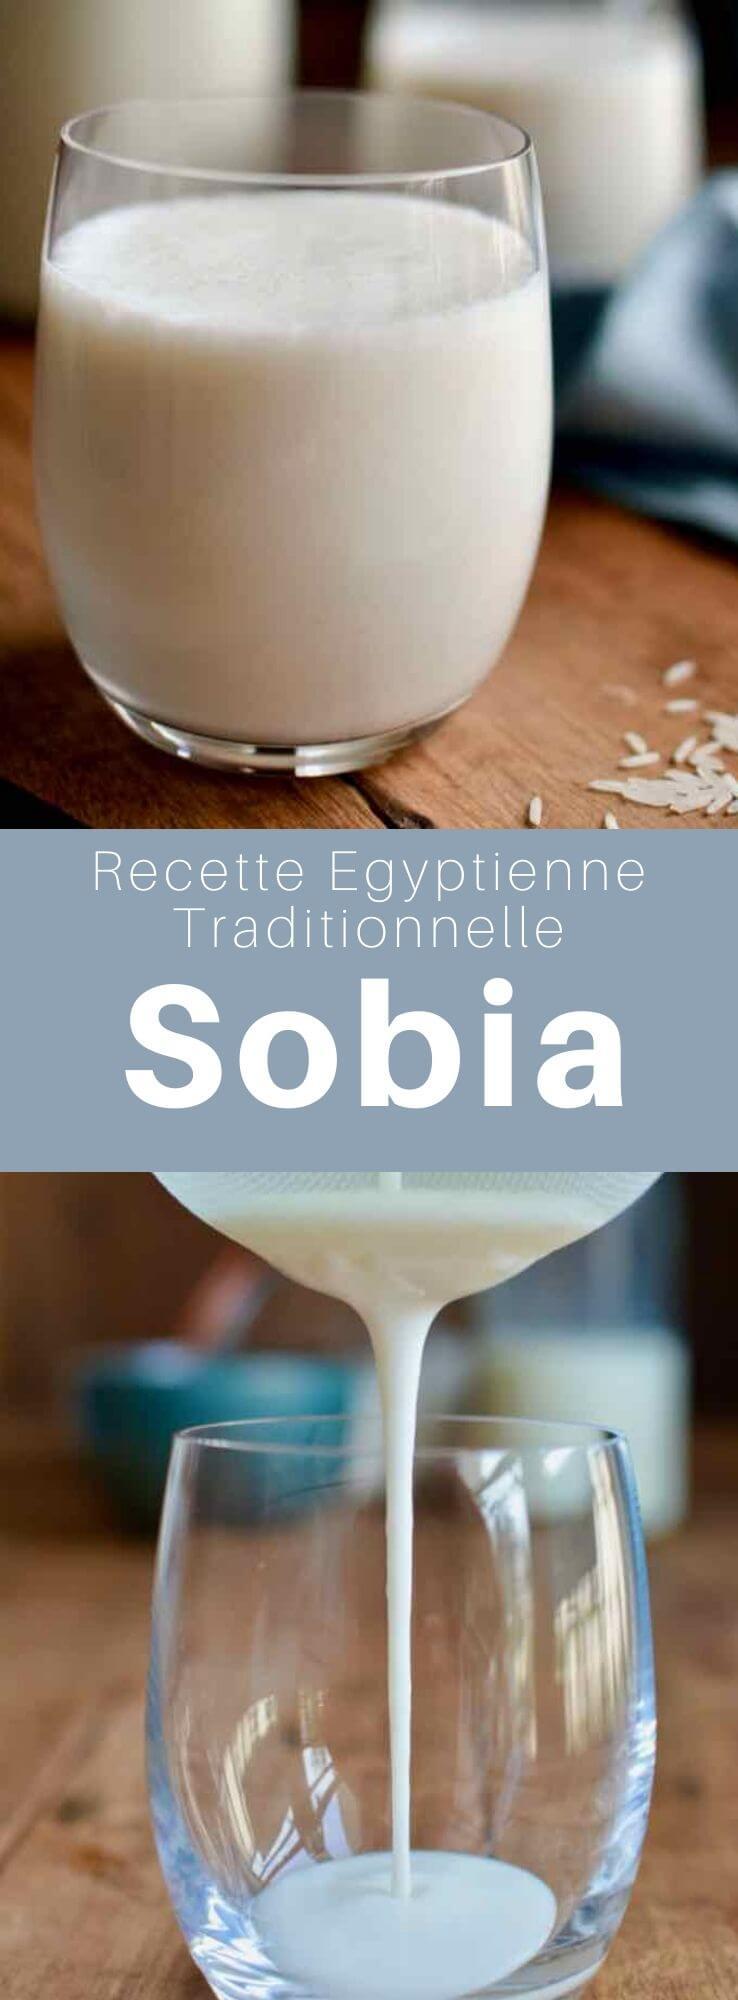 La sobia est une boisson sucrée égyptienne, crémeuse, au riz et à la noix de coco considérée comme la boisson la plus populaire du mois sacré du Ramadan. #Egypte #RecetteEgyptienne #CuisineEgyptienne #CuisineDuMonde #196flavors